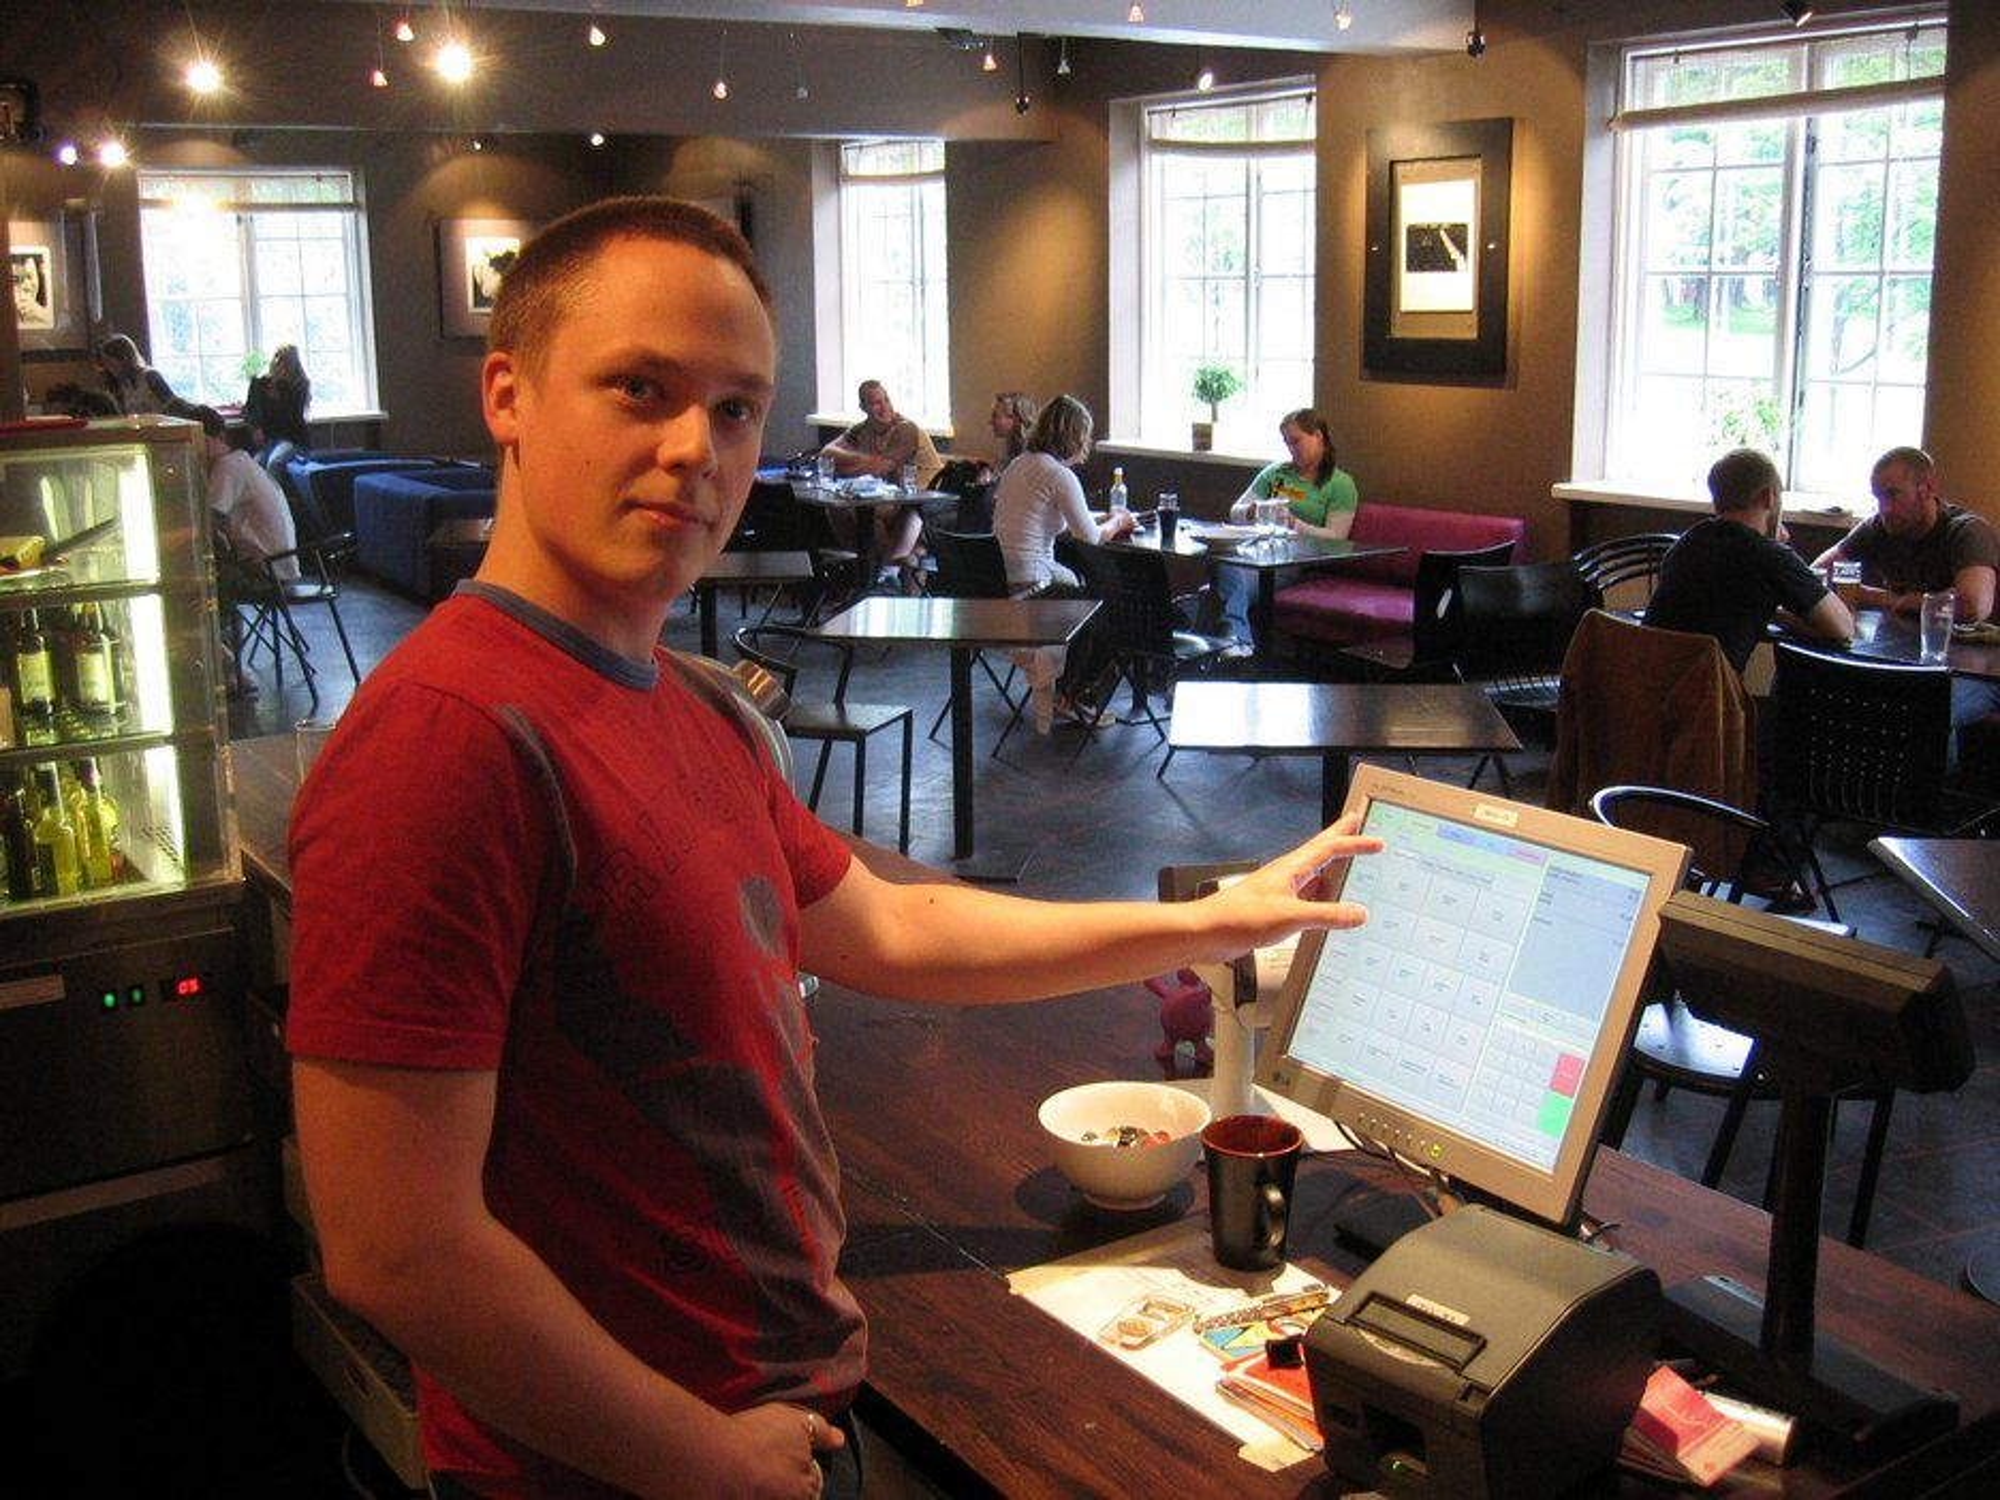 SIKKERT SOM BANKEN: Rein Anders Apeland står bak datasystemet som skal ta vare på alle pengene som triller inn under studenterfestivalen Uka 05 senere i høst.FOTO: Uka 05